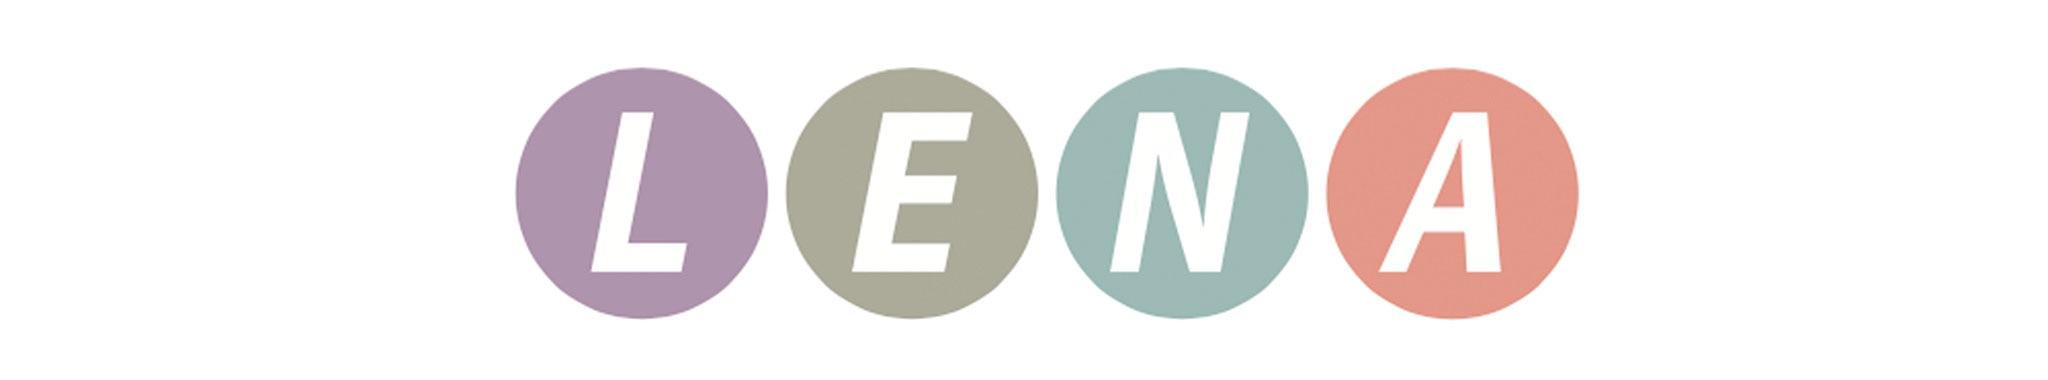 Alle Infos zu unserer Lena Passformberatung | HSE24